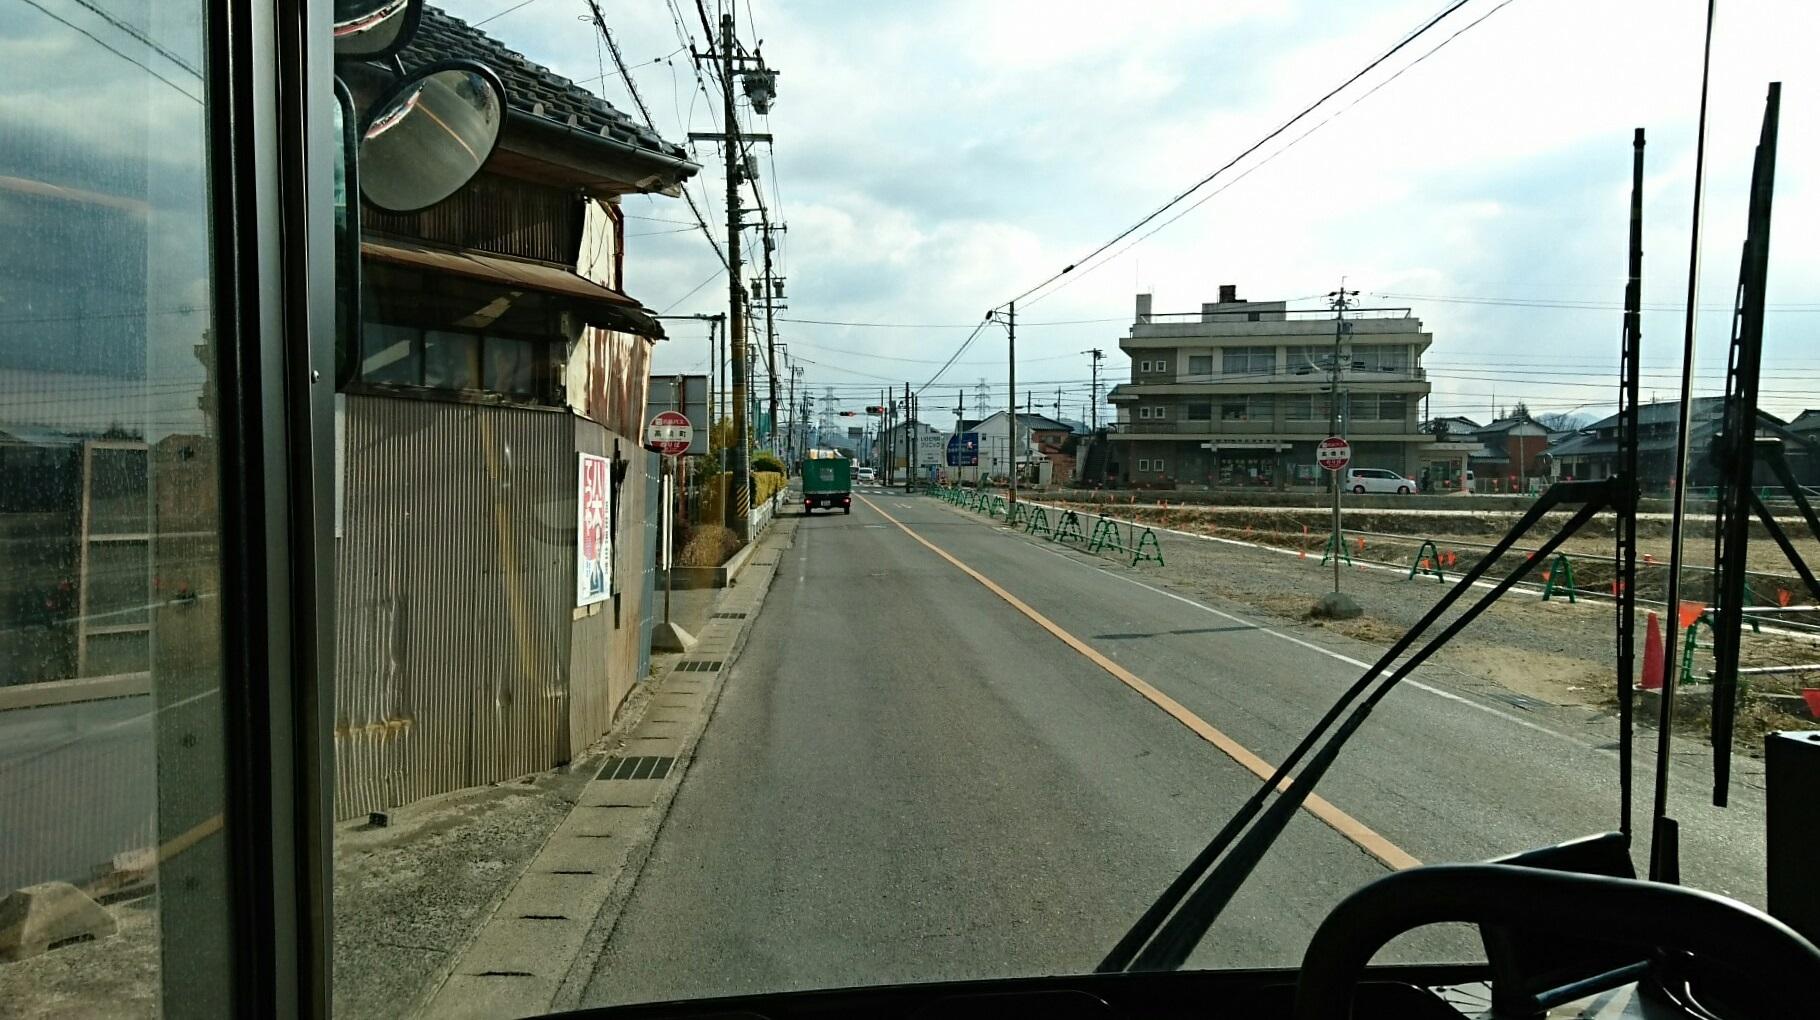 2018.2.5 東山住宅線 (26) 高橋町バス停 1820-1020